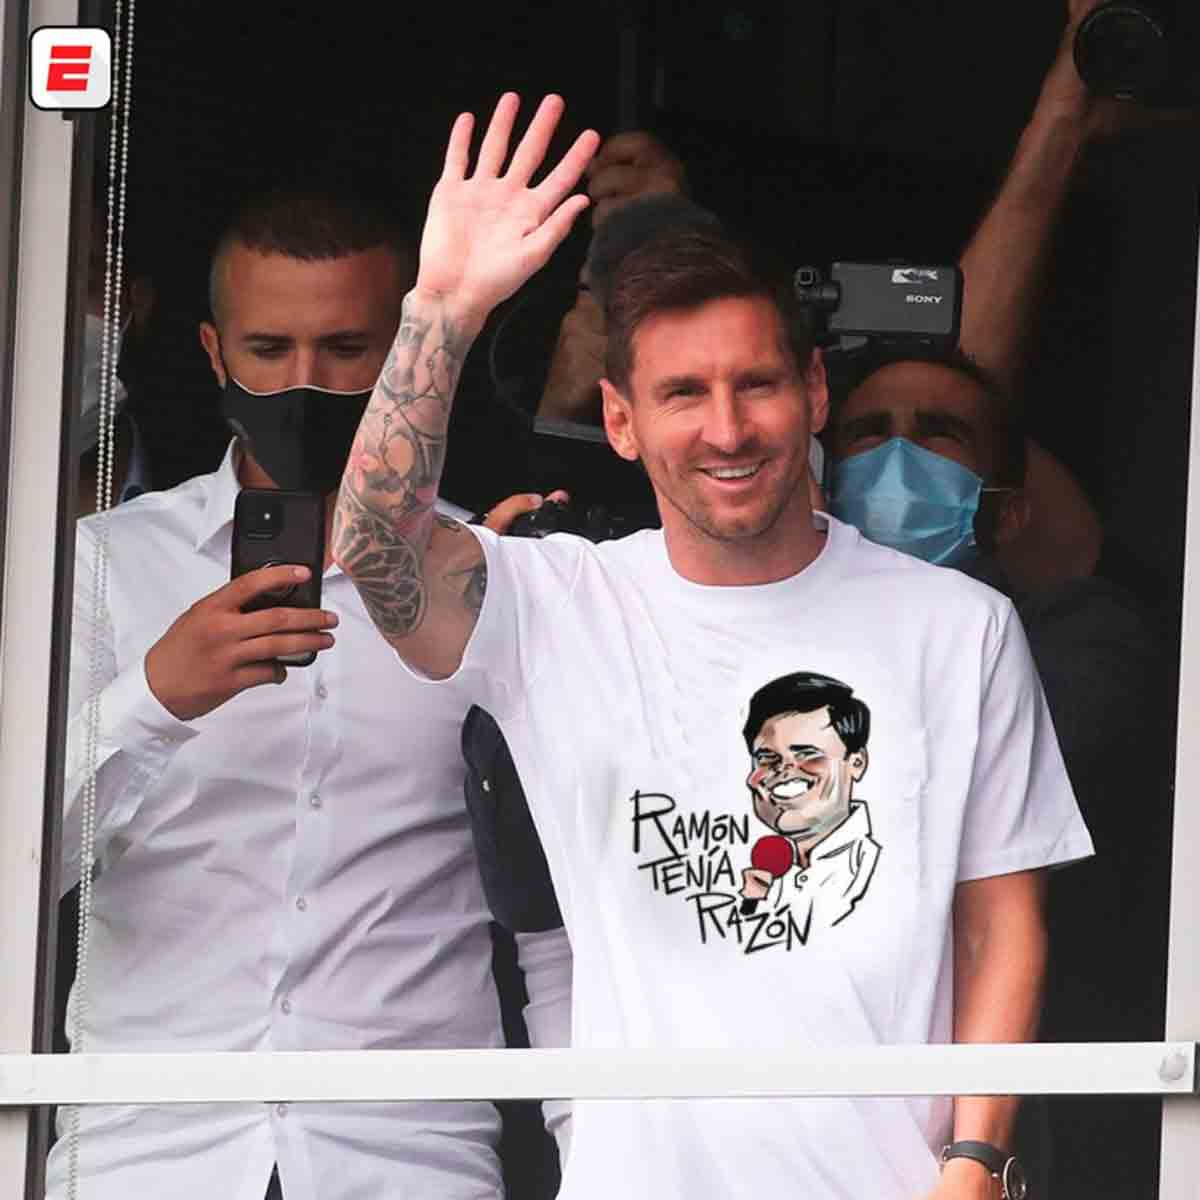 Ramón tenía razón Messi